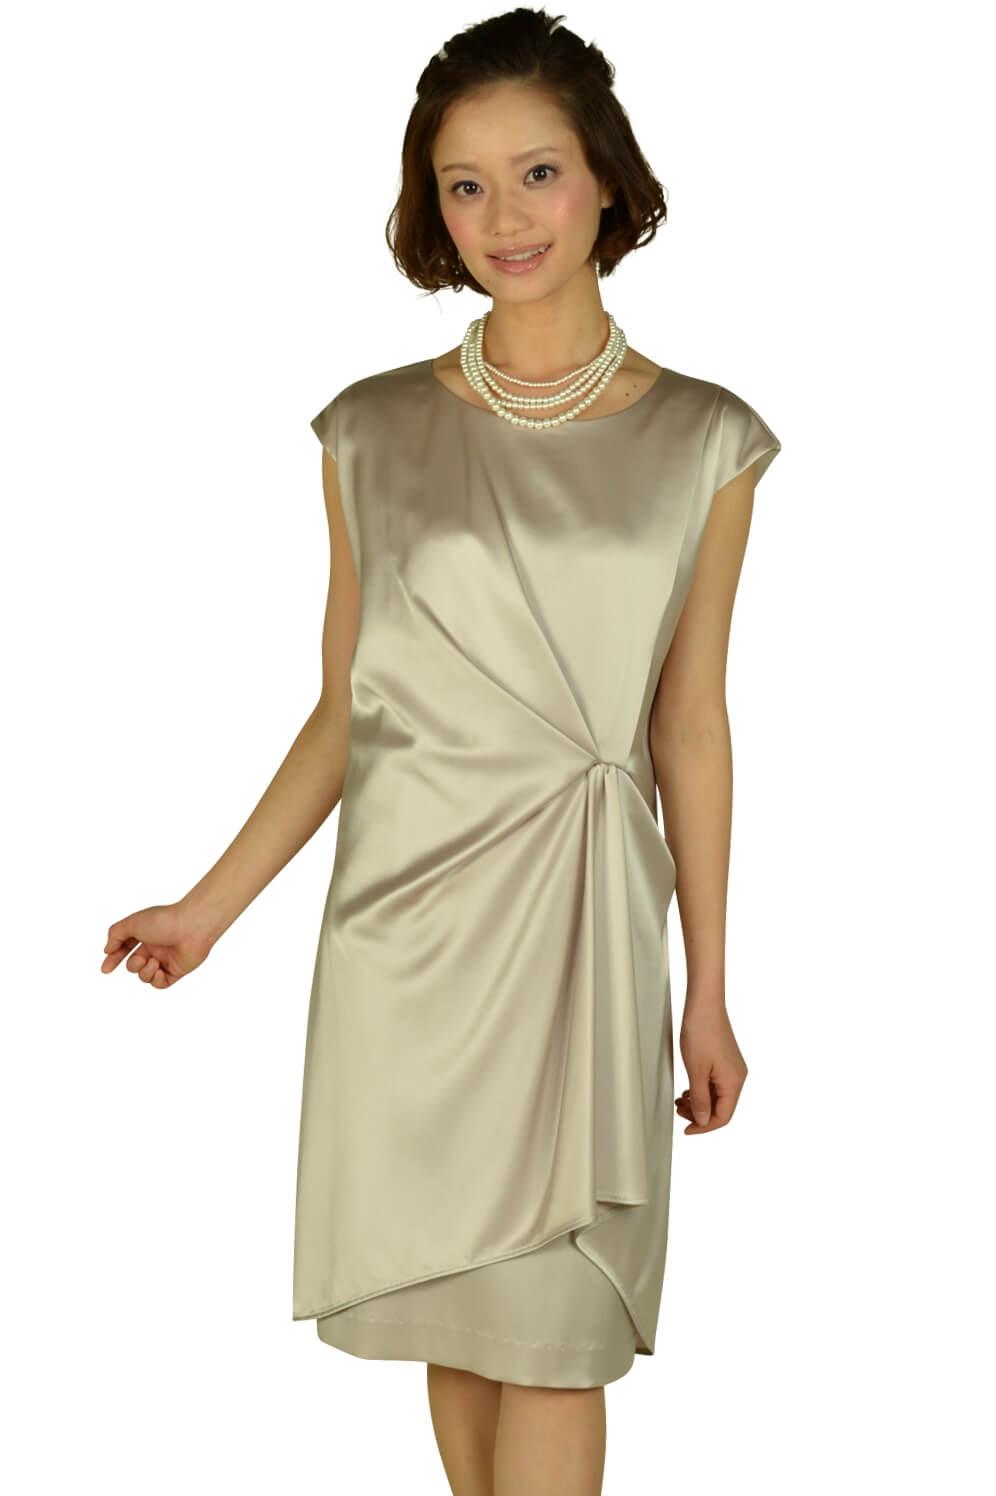 アンタイトル(UNTITLED) 光沢シャンパンミニ袖ドレス